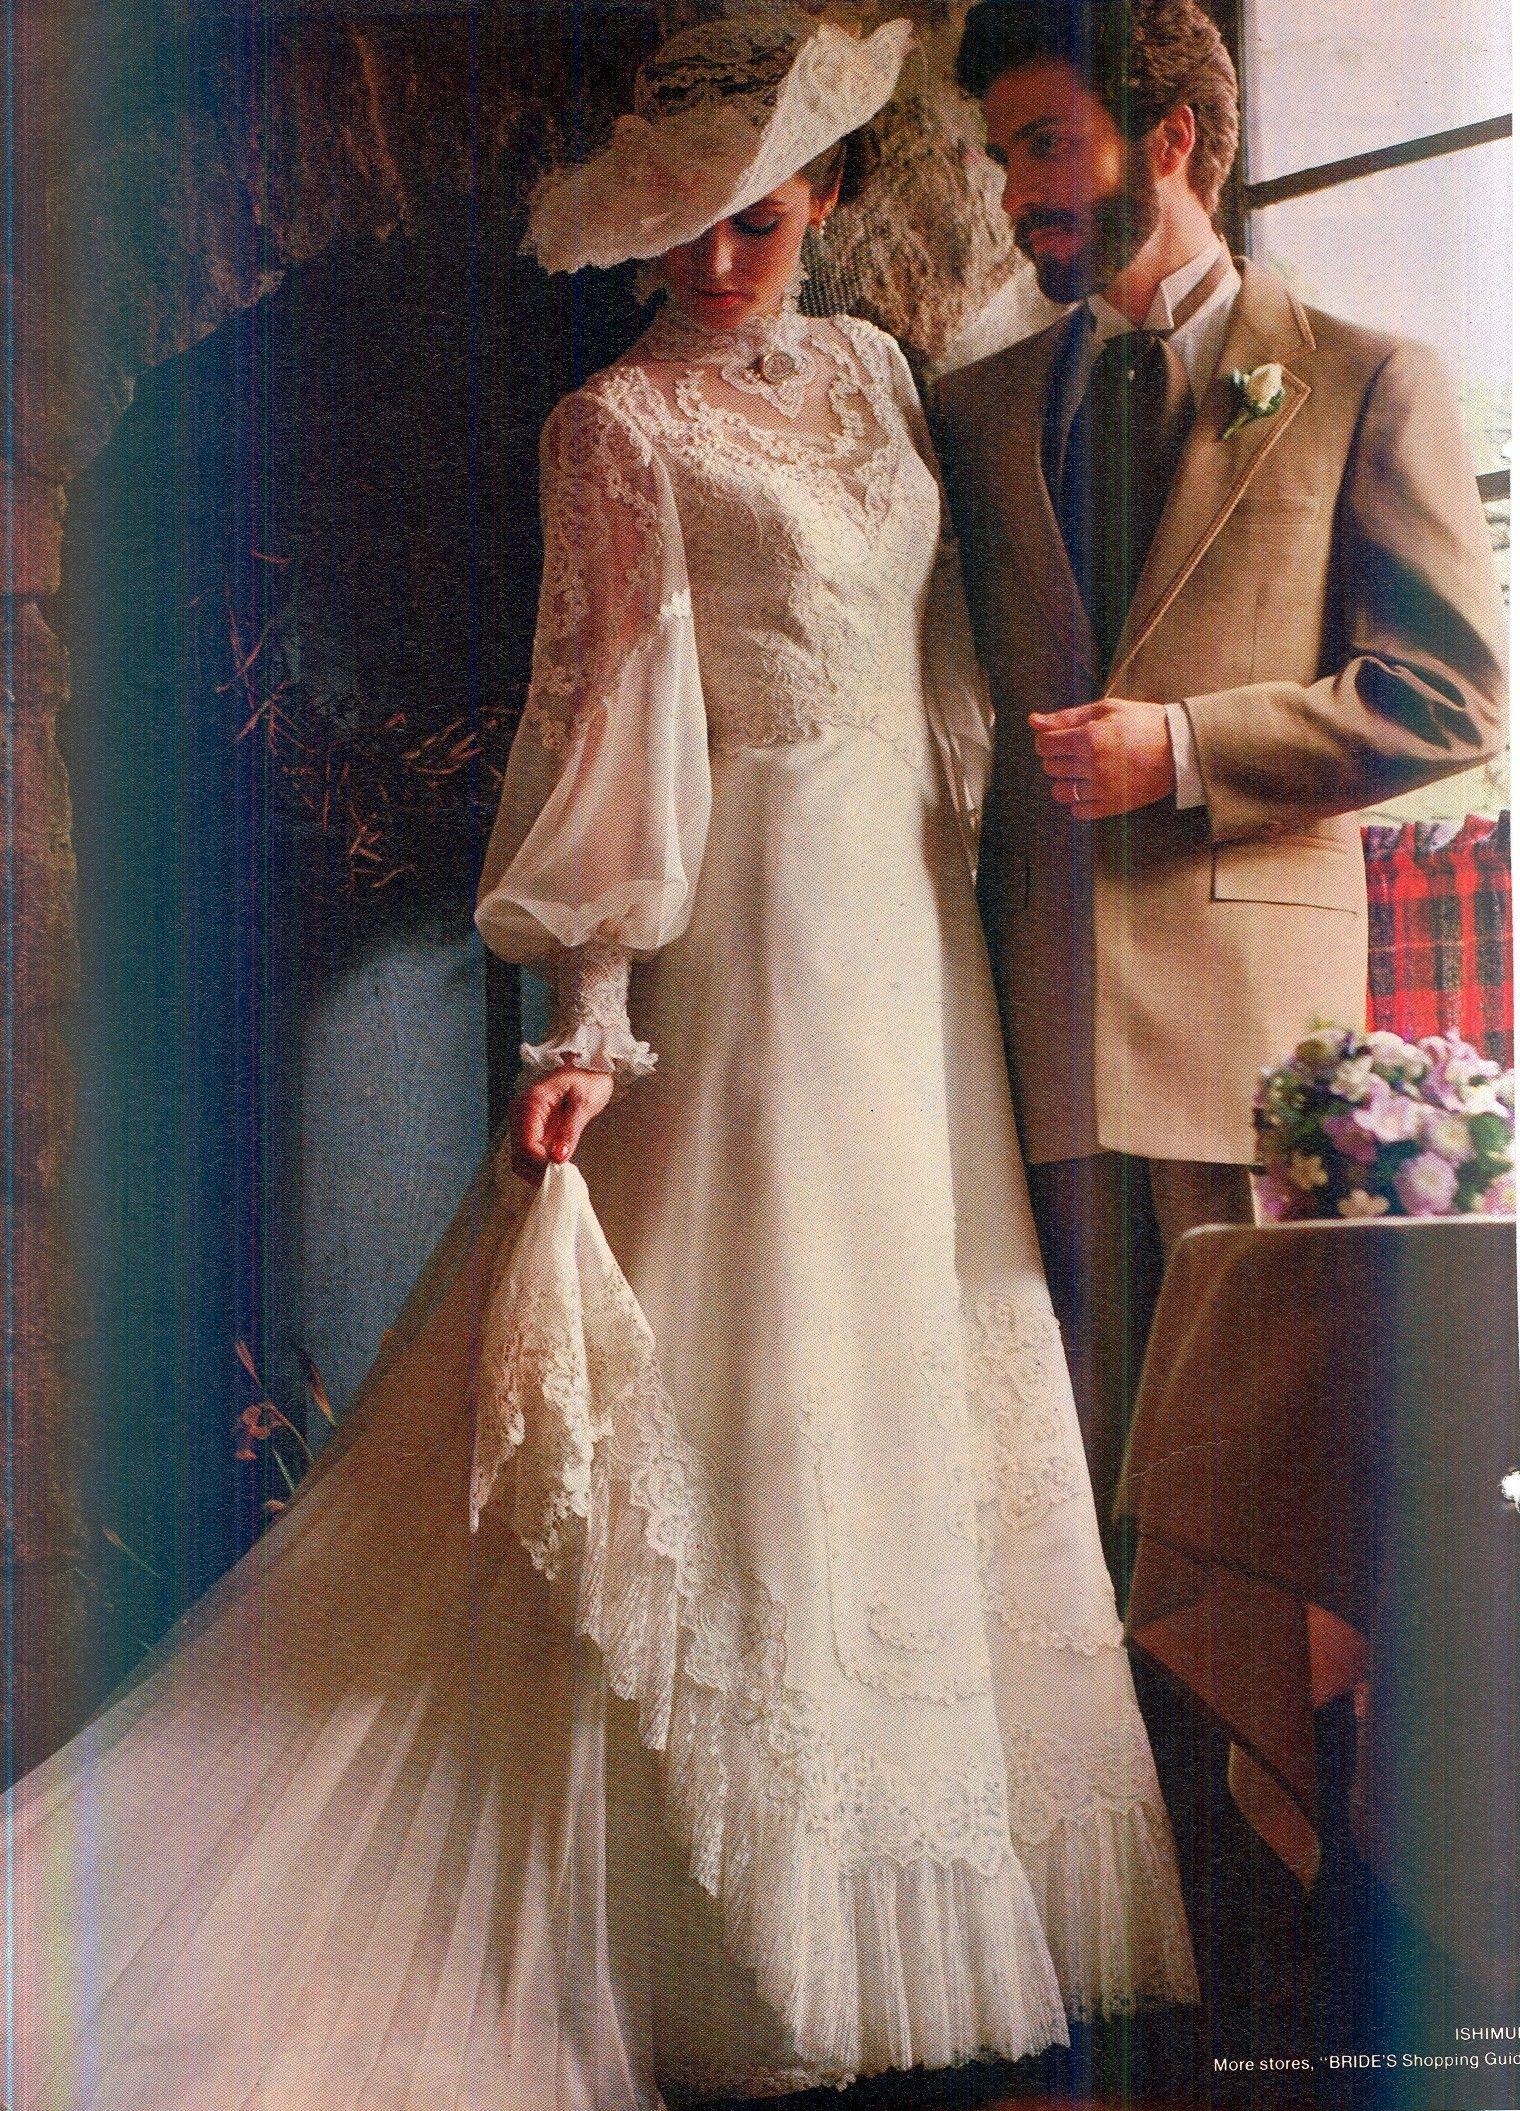 Vestiti Da Sposa 1980.1980 Wedding Gown Abiti Da Sposa Sposo Vintage